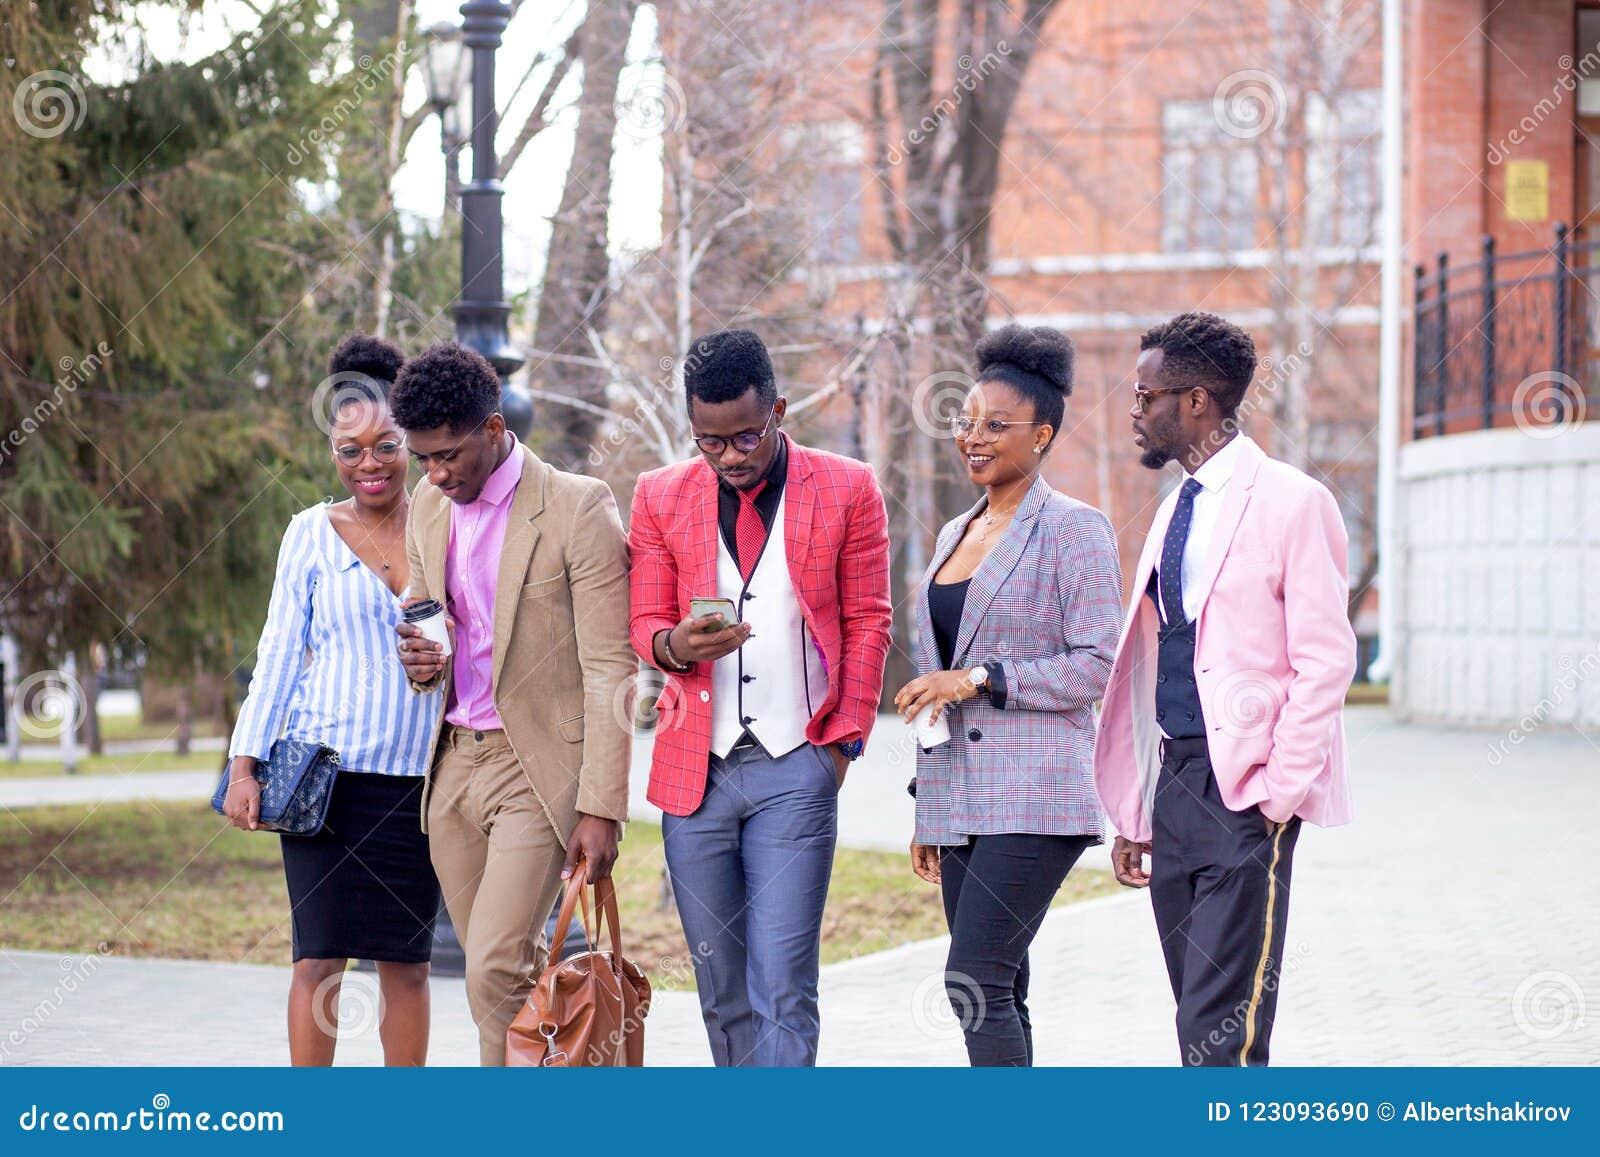 Отдых и подростковая концепция группа в составе счастливые друзья гуляя на улице